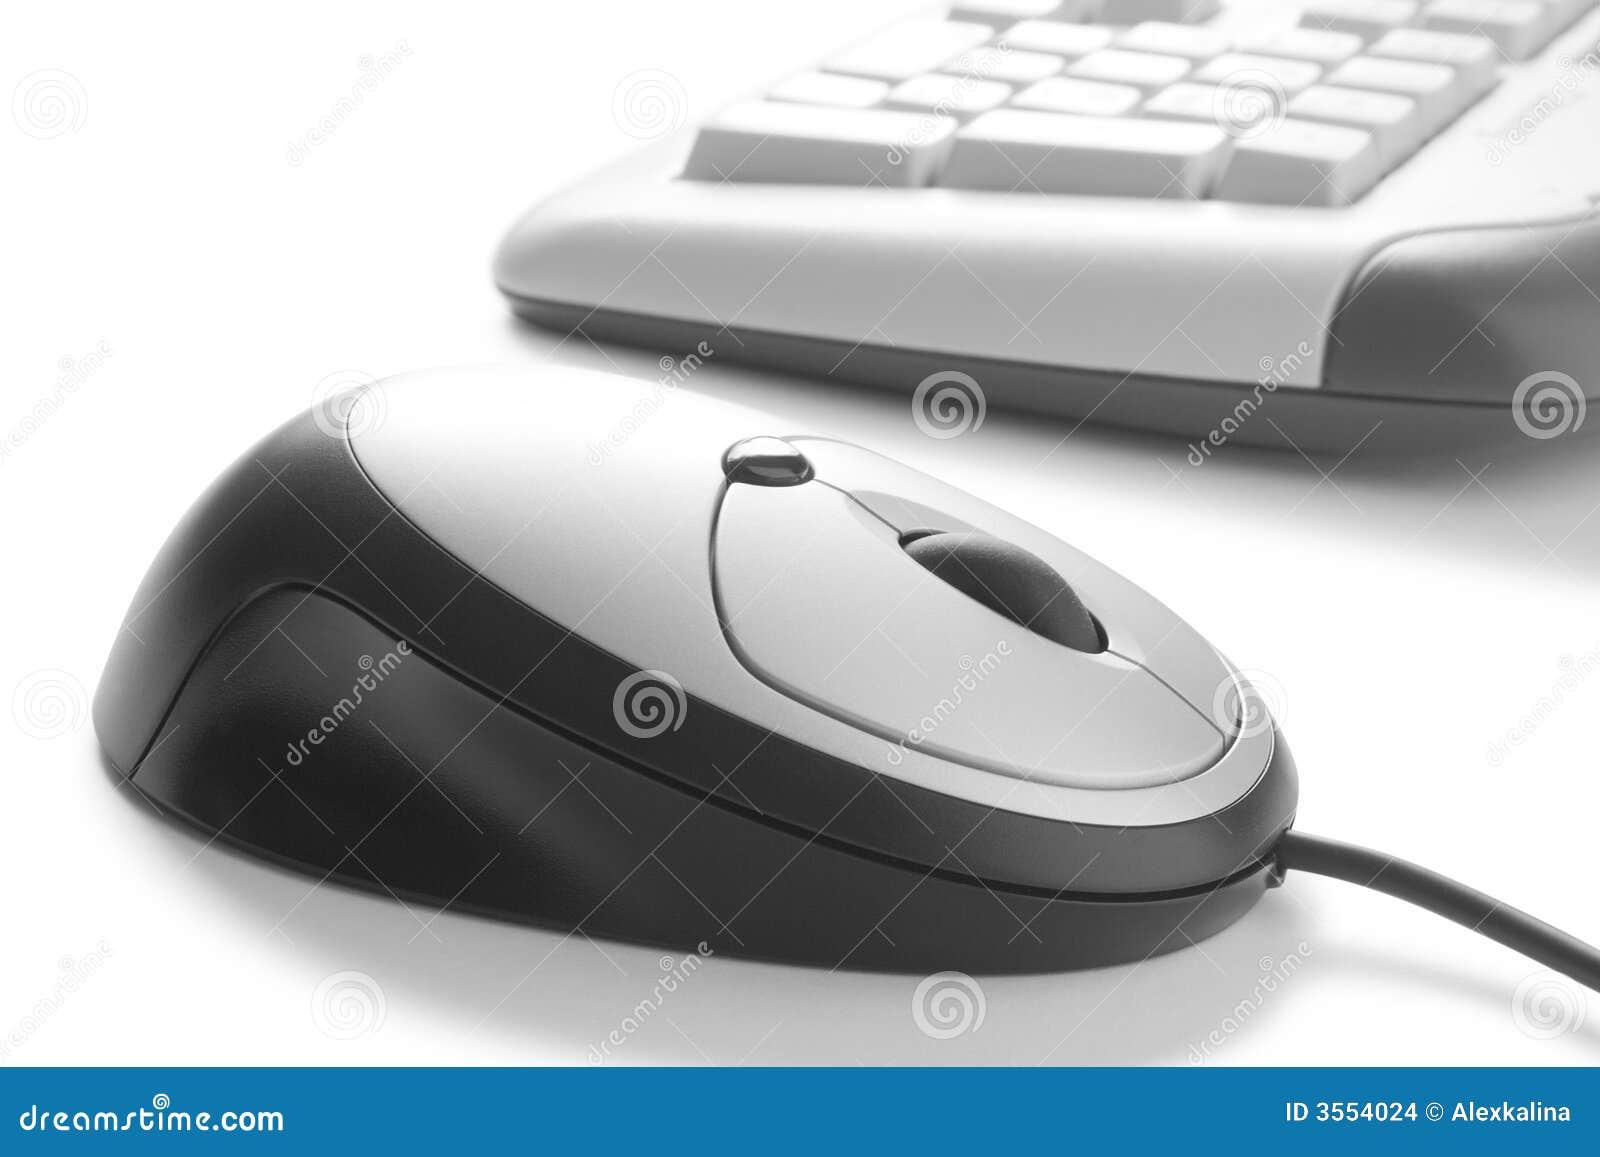 Mouse e tastiera